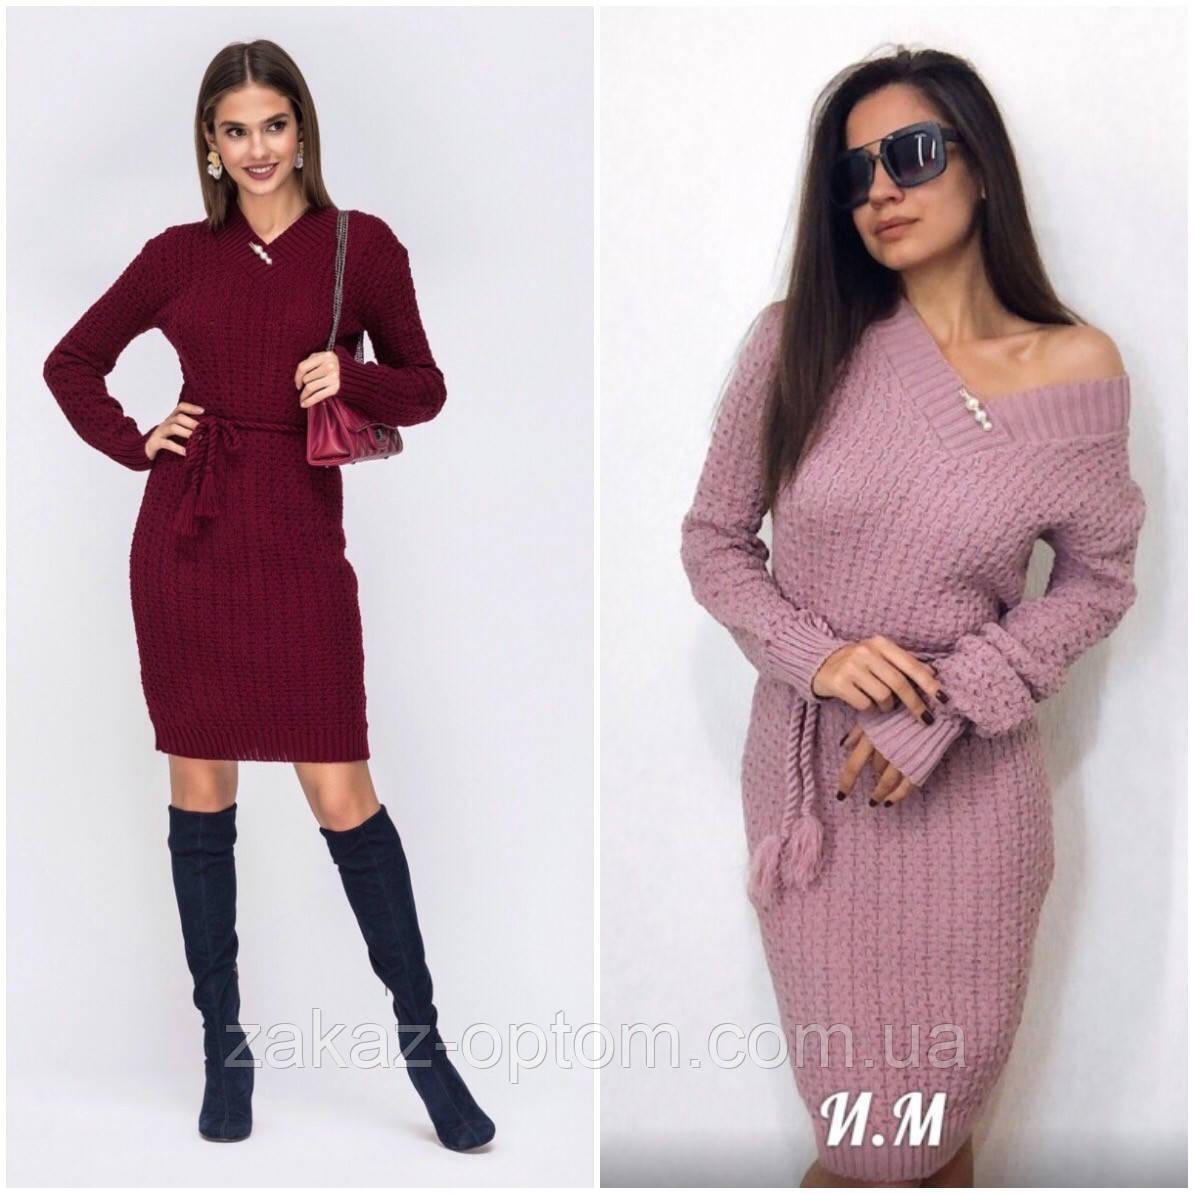 Платье вязаное женское оптом(46-50)Украина-64734